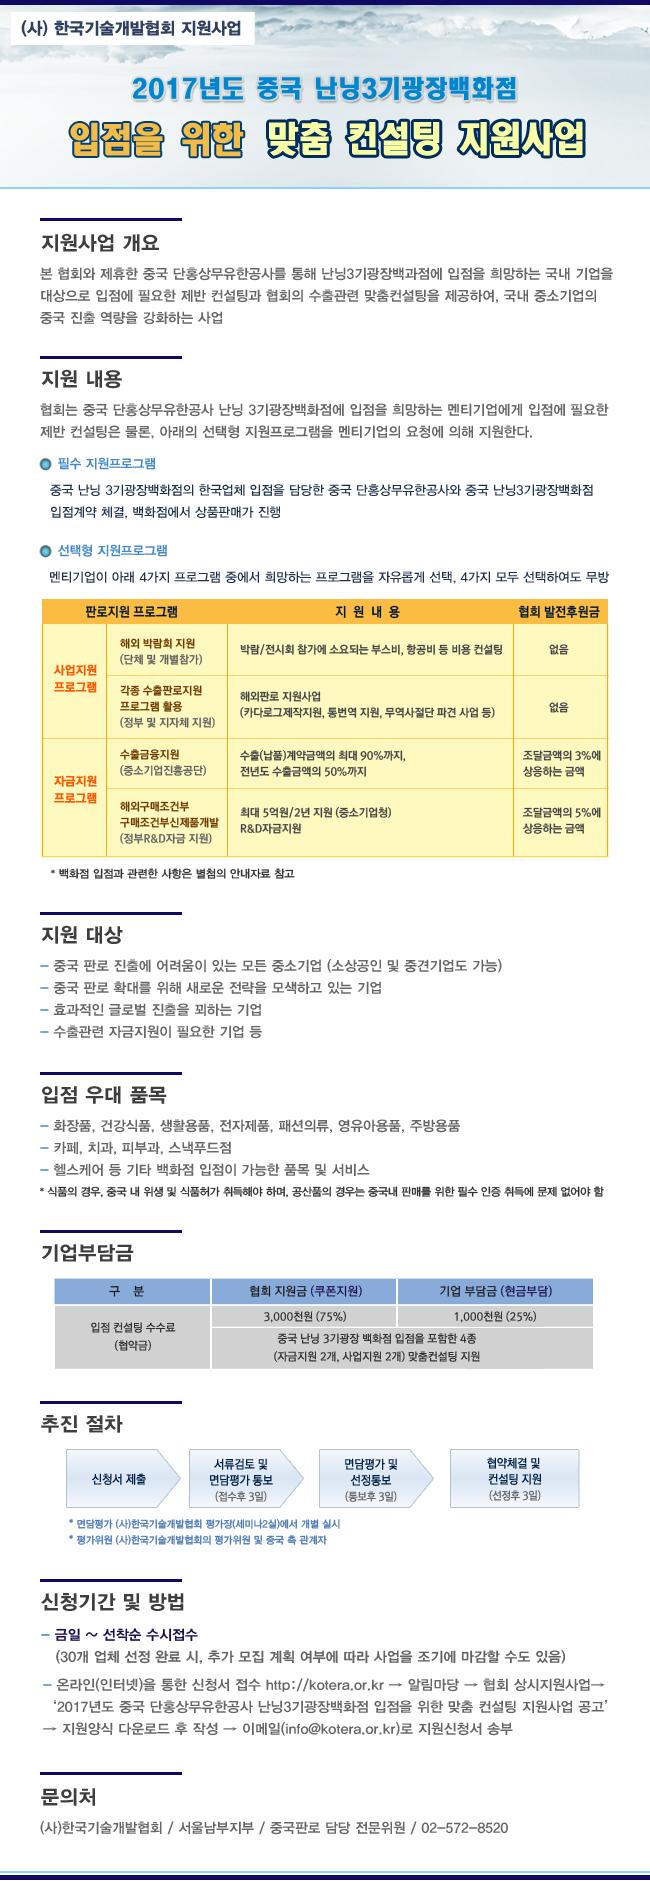 중국 난닝3기광장백화점 컨설팅